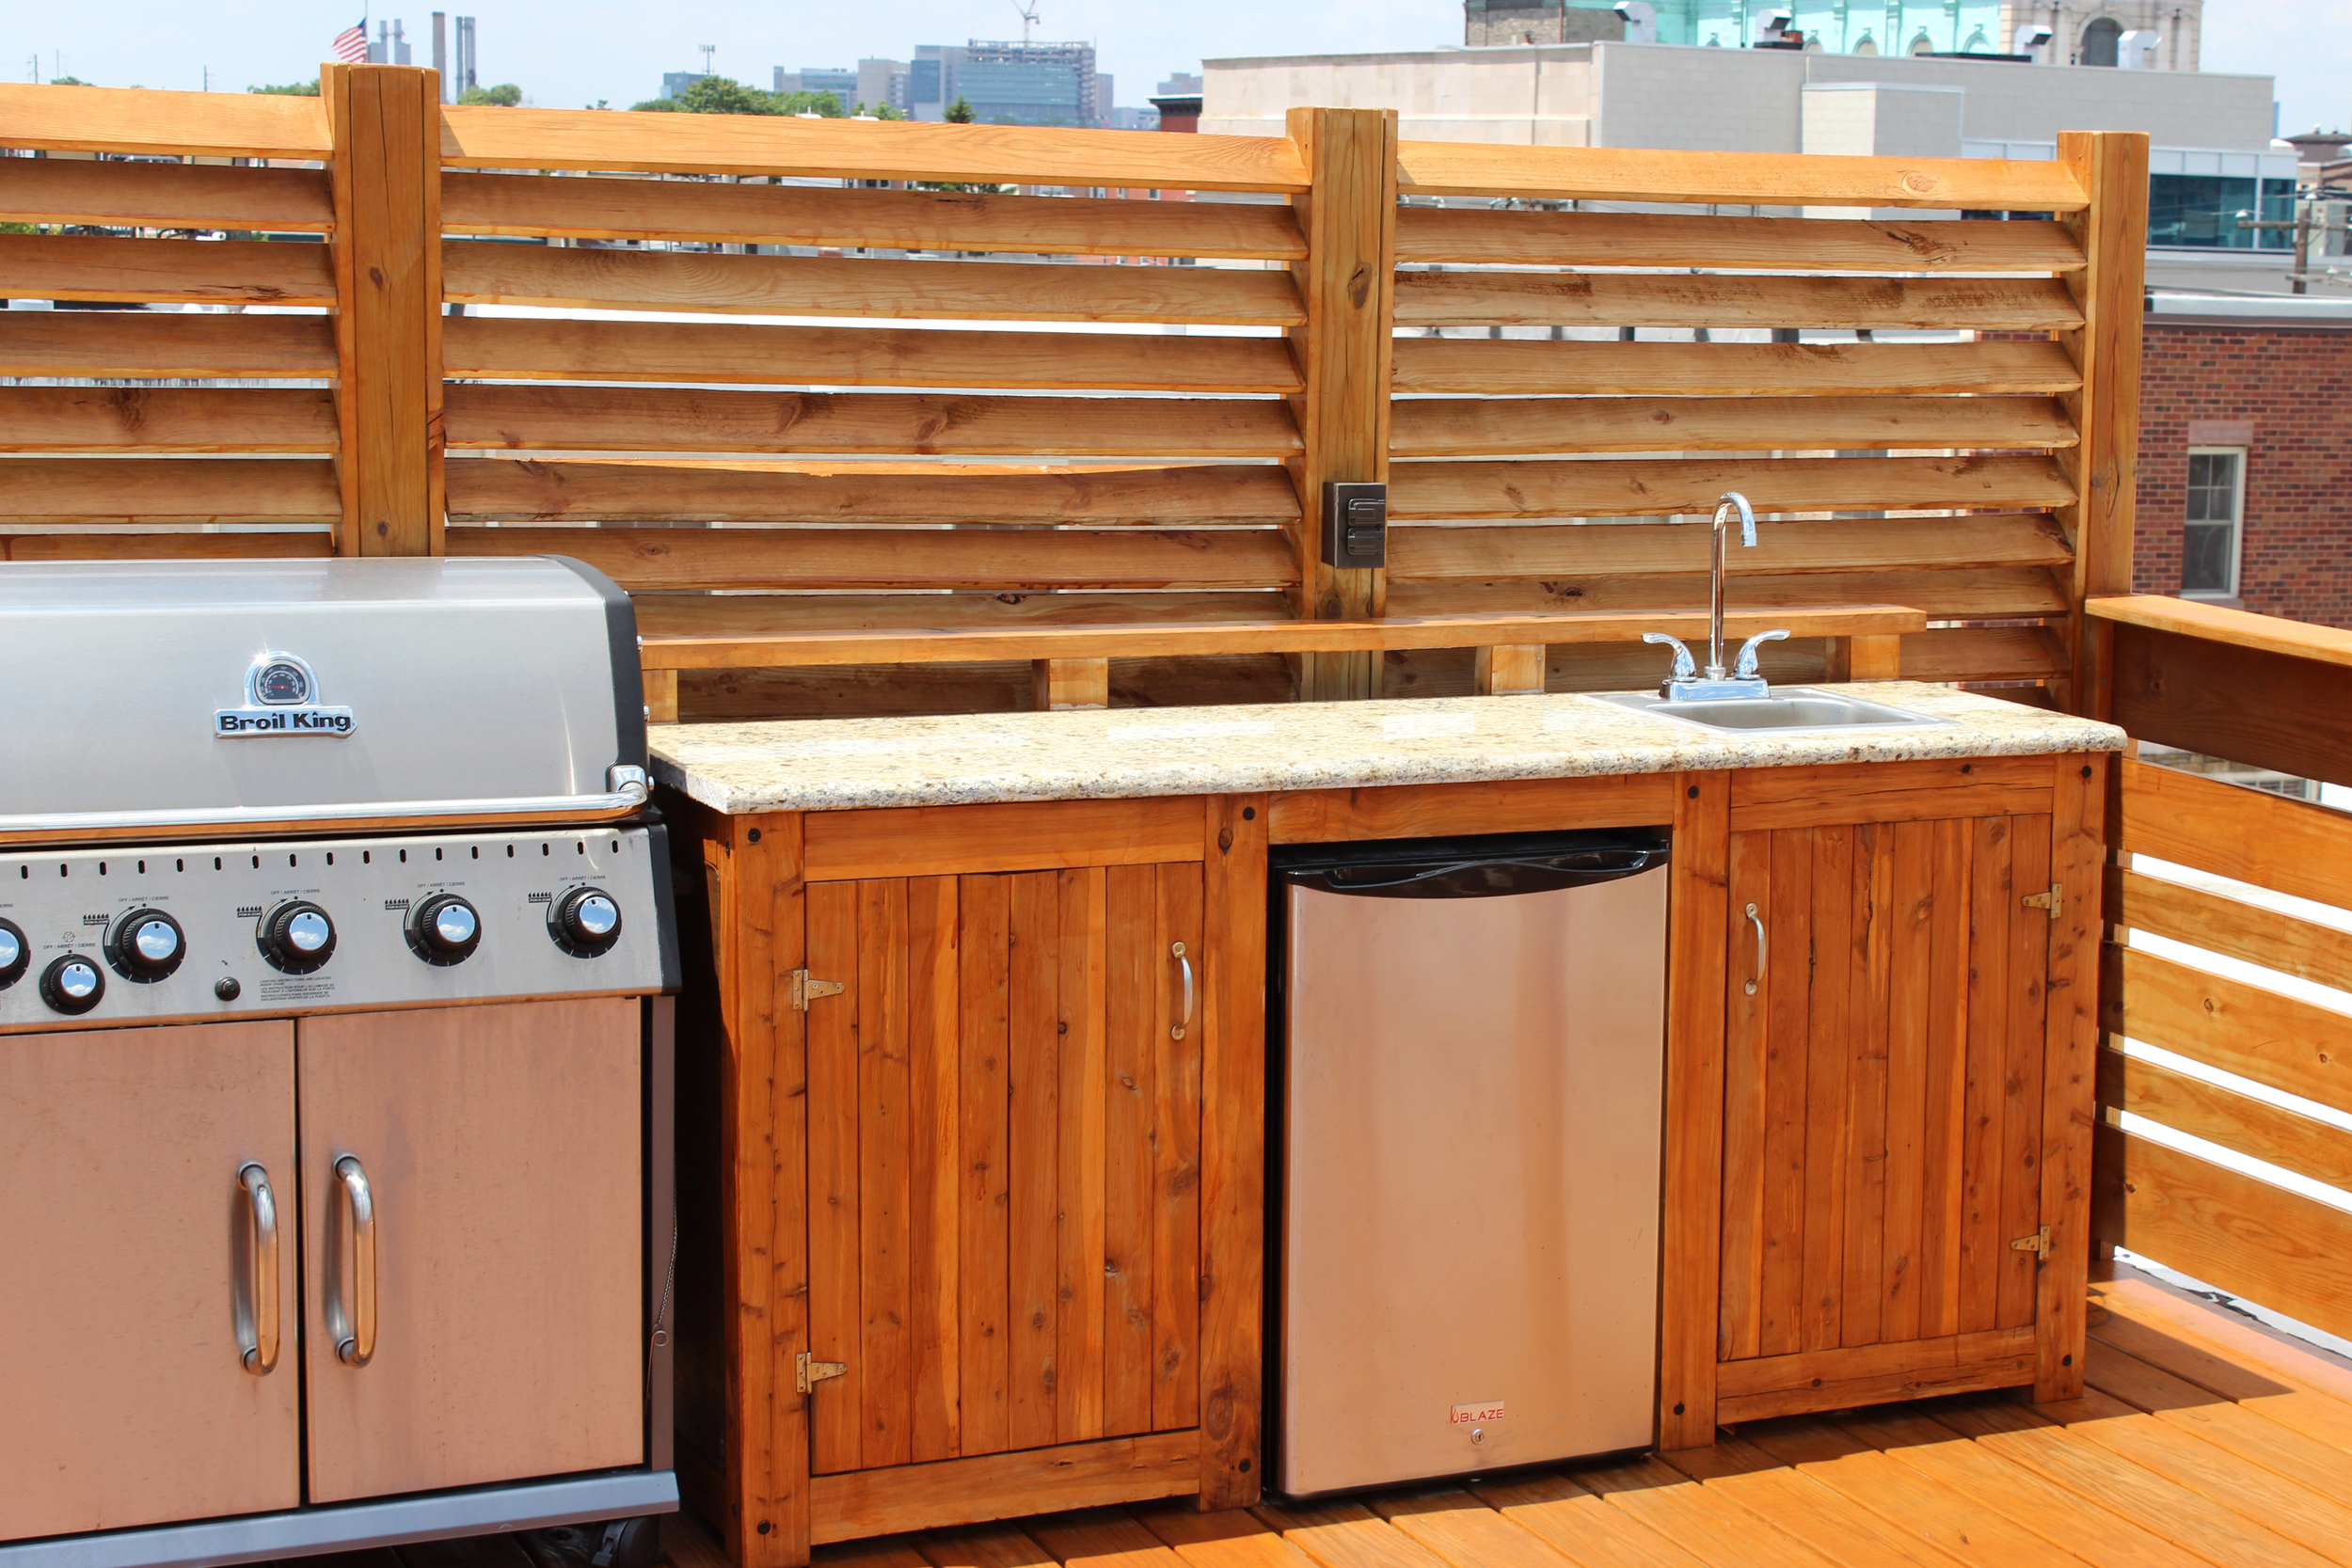 Clarion_kitchen detail.JPG